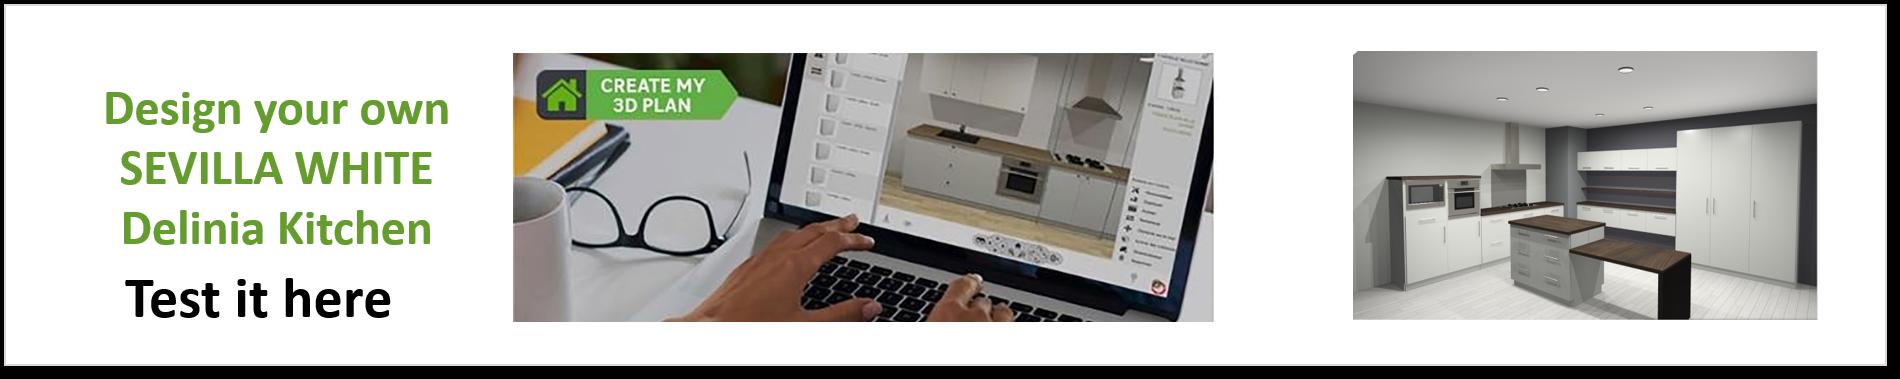 Create or Design your own Delinia Sevilla White Designer Kitchen